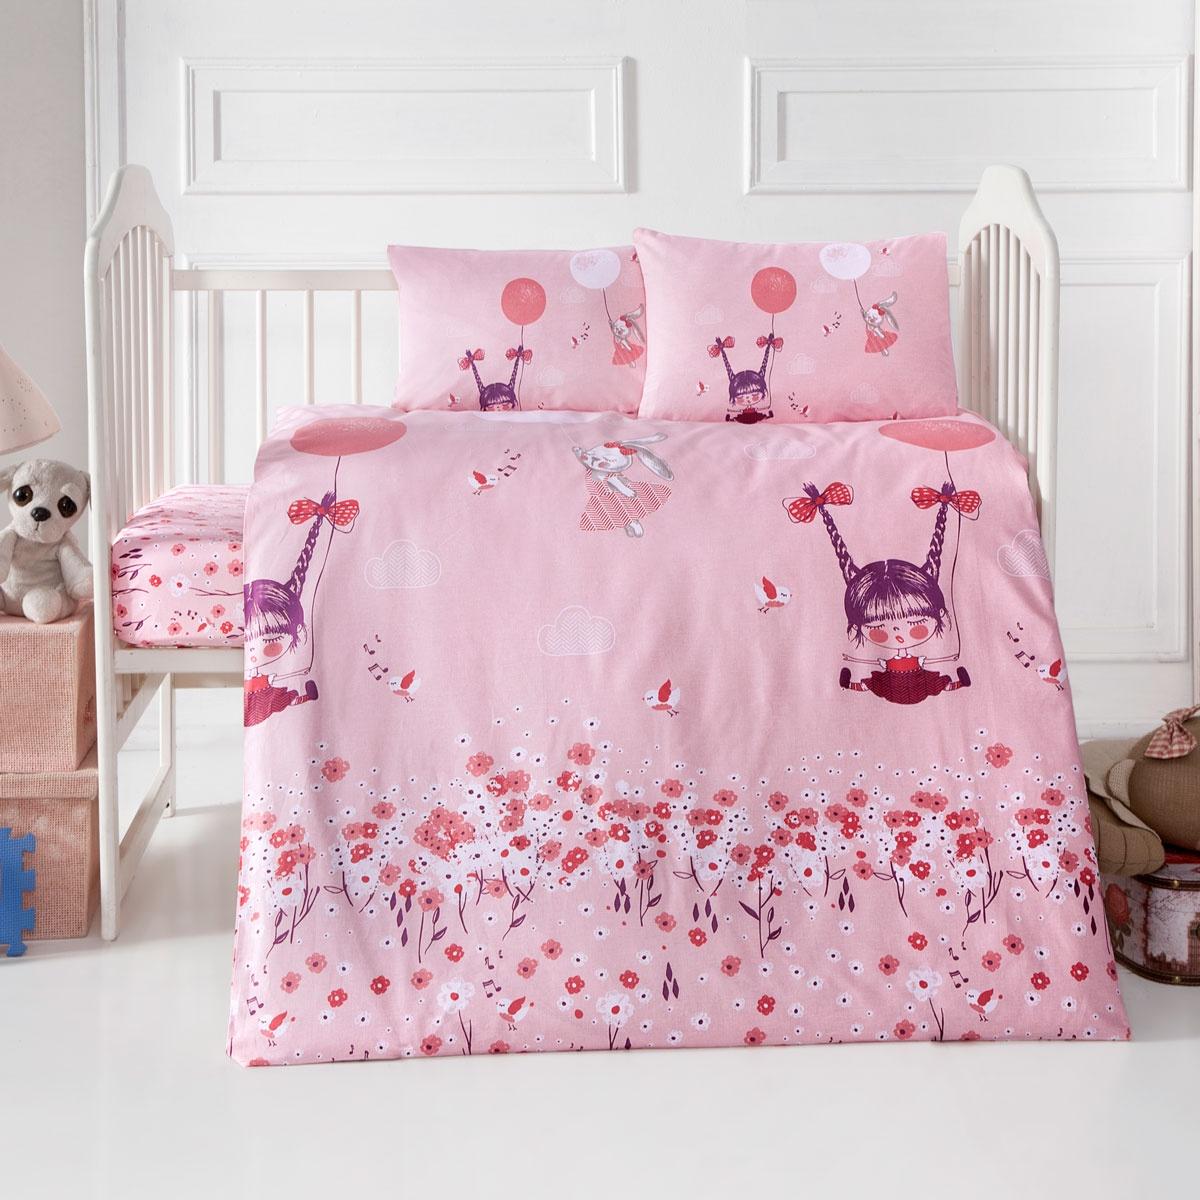 цена на Постельное Белье Arya Ранфорс Детское 100X150 Pinky Girl